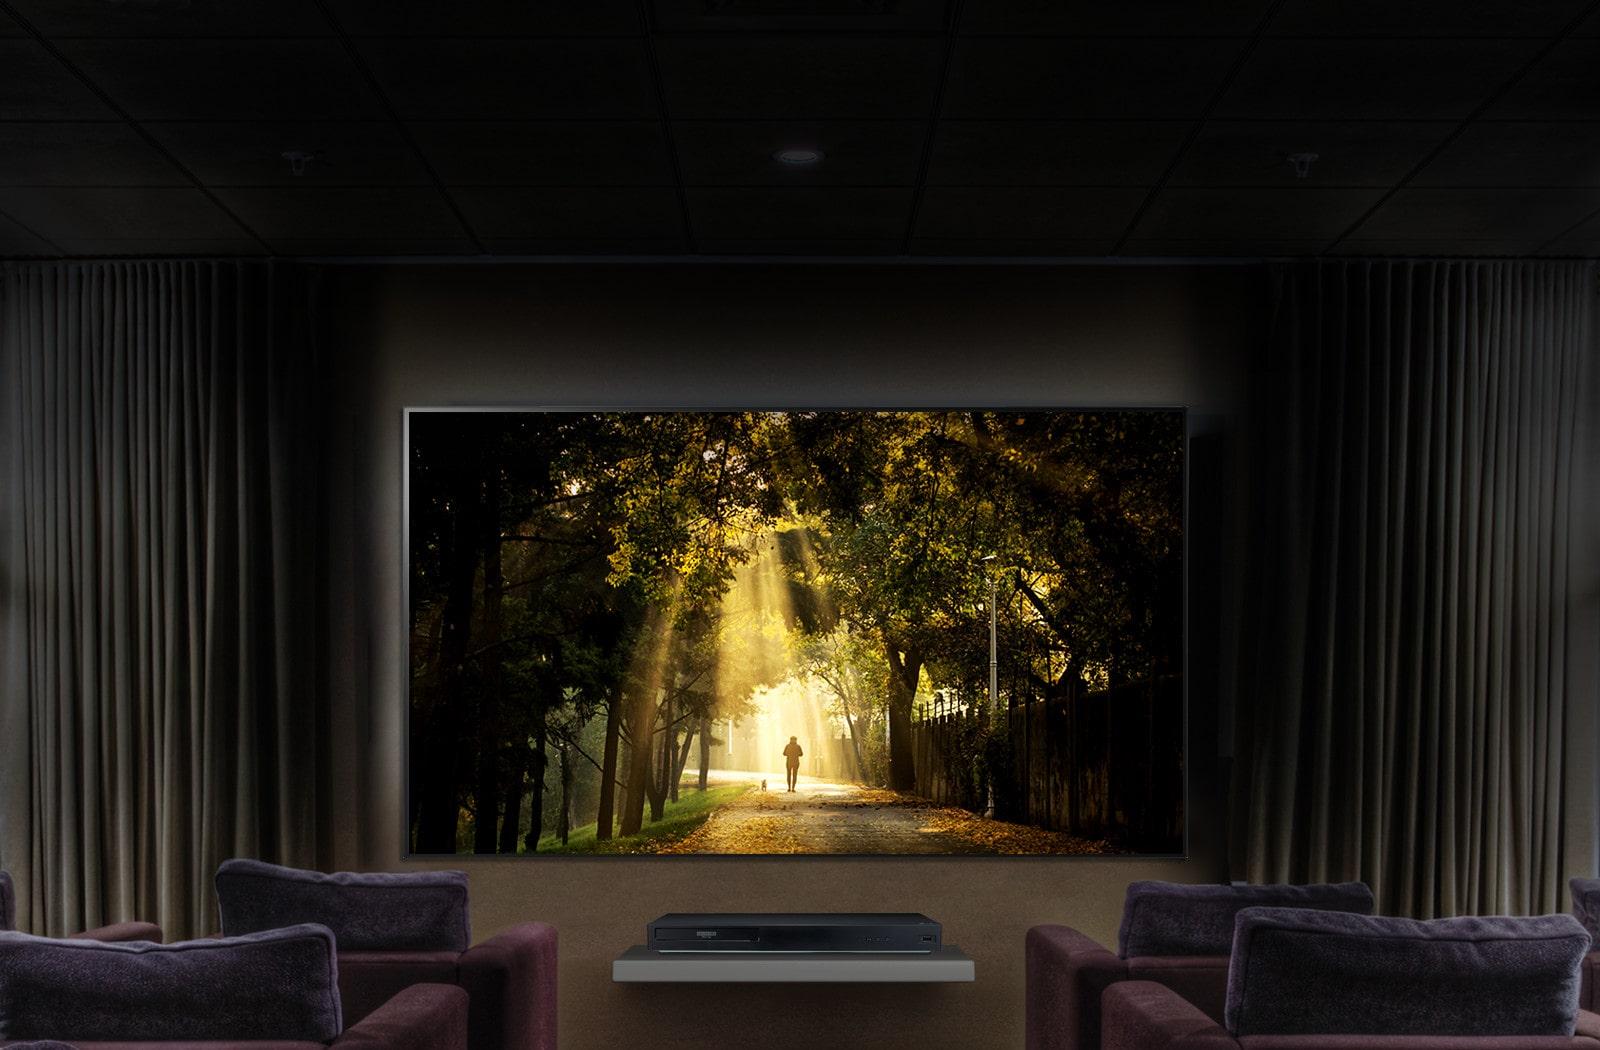 LG UBK90 4K Dolby Vision Blu Ray Player | LG Australia